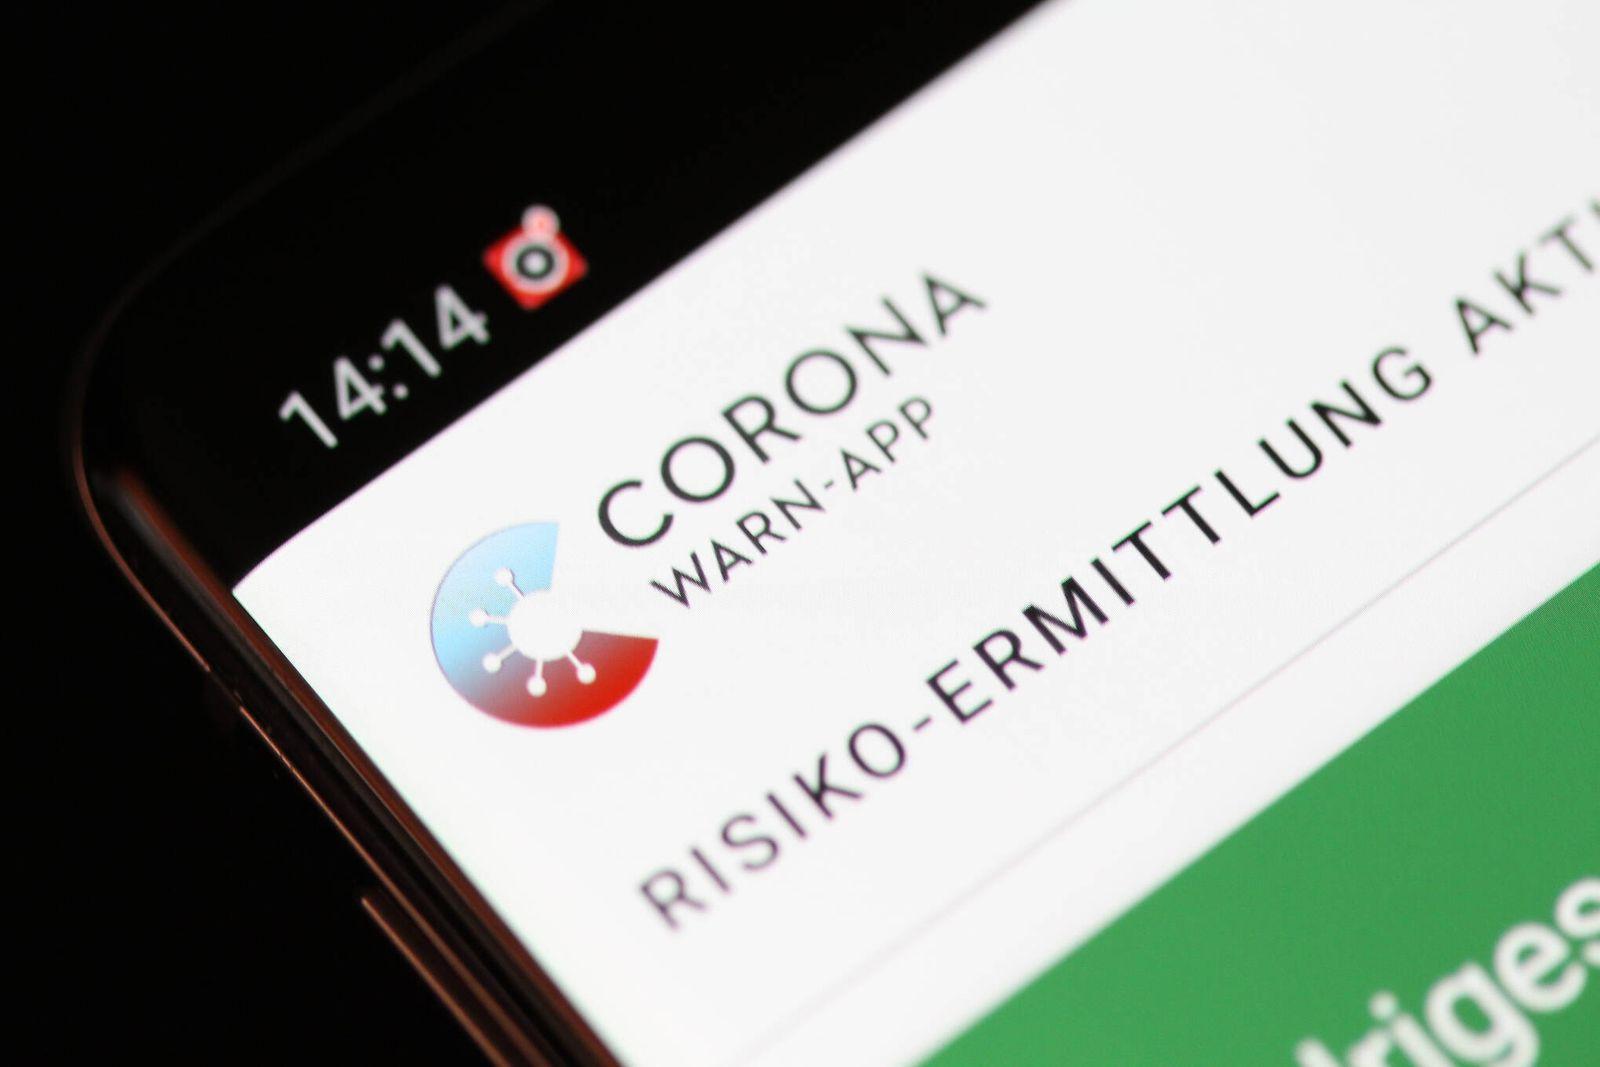 Freiburg Themenbild - Neue Corona-Warn-App der Bundesregierung, Warn-App, Tracing App, Dezentrale Loesung, Robert-Koch-